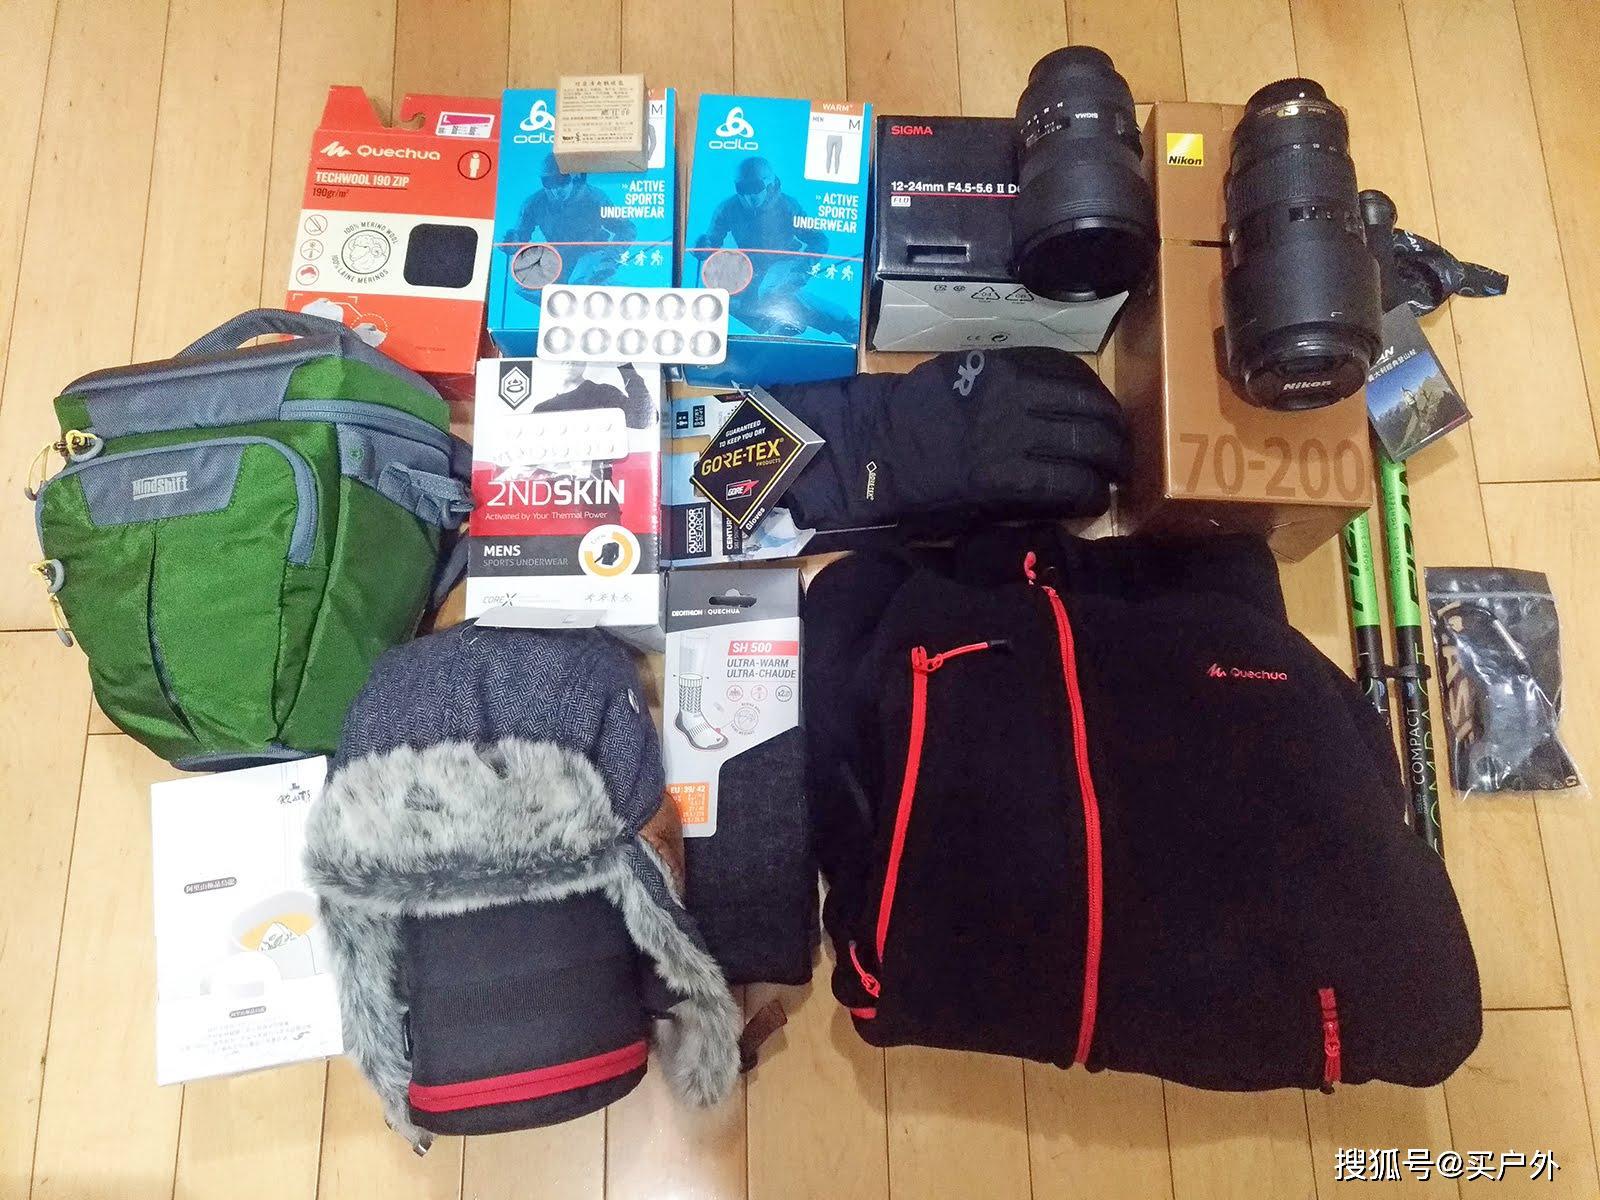 尼泊尔自助旅行装备篇和适合季节?(适用EBC+ABC+ACT徒步路线)